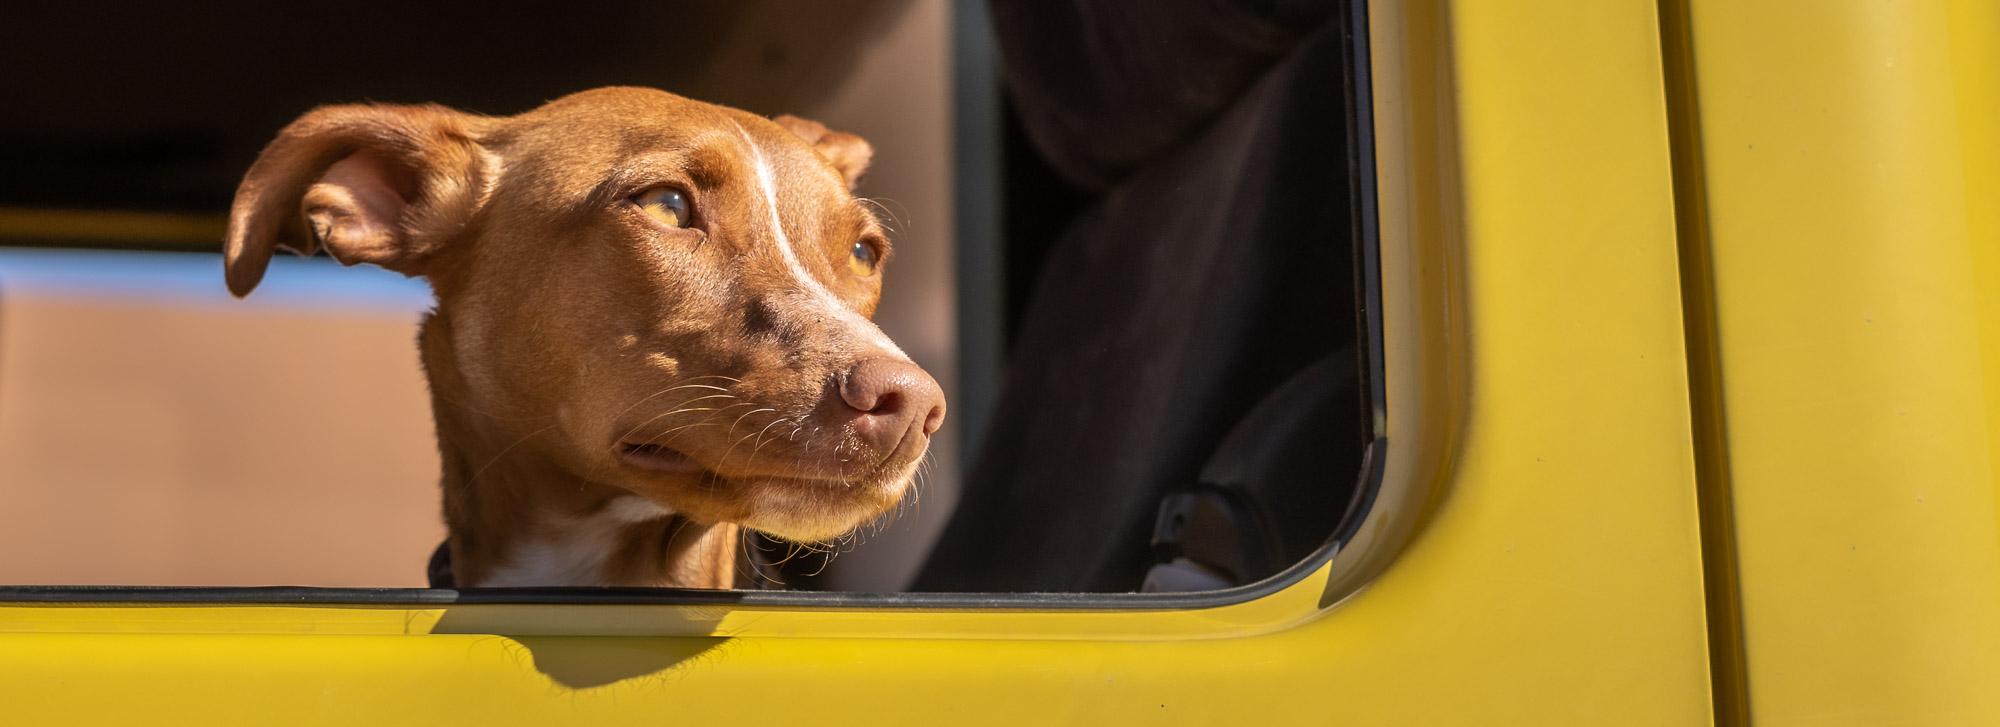 Mit Hund im Wohnmobil leben | eine ganz tolle oder ganz schlechte Idee?